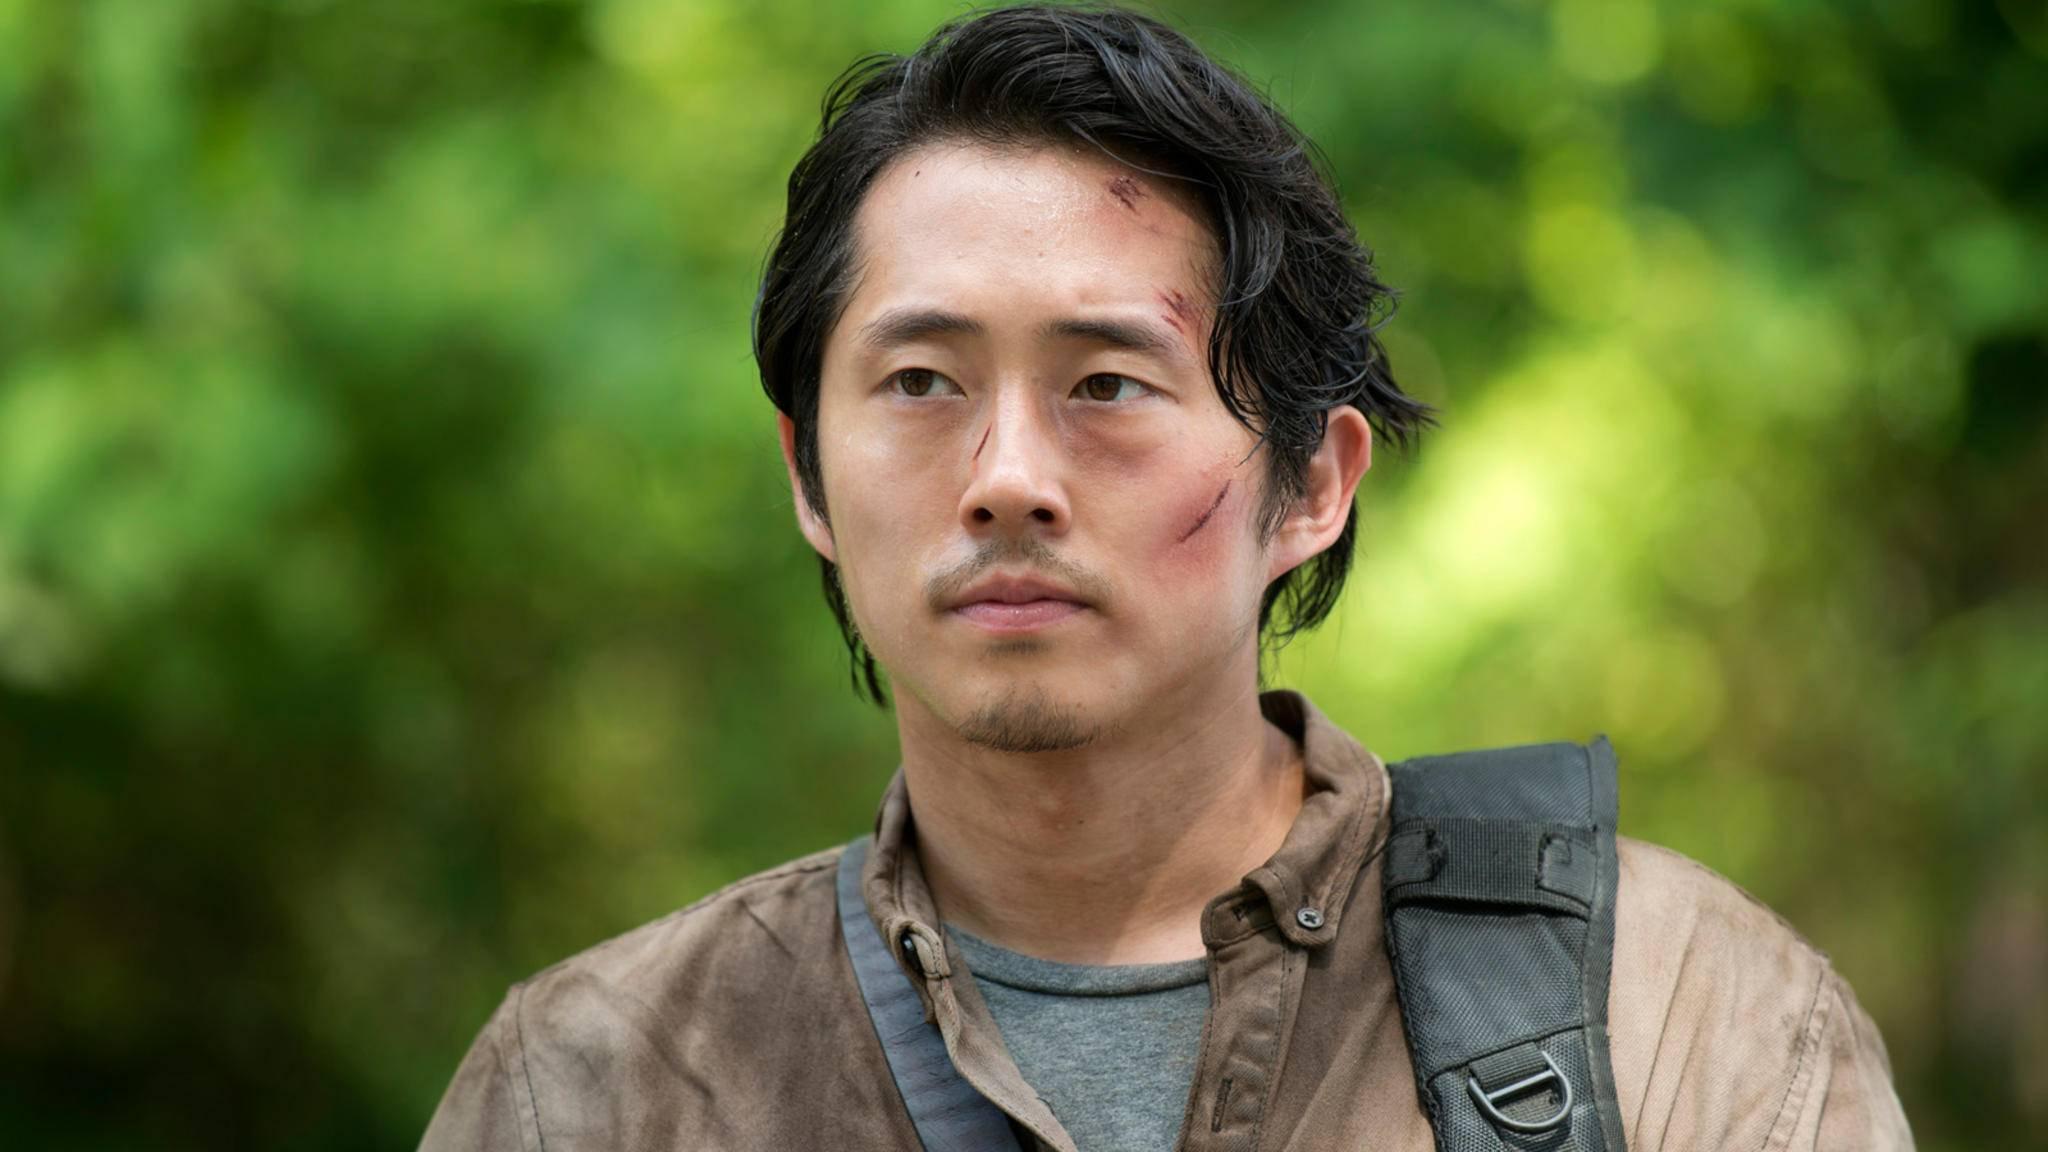 """Glenn Rhee aus """"The Walking Dead"""" gehört definitiv zu den Serienfiguren, die in den Augen der Fans viel zu früh getötet wurden."""